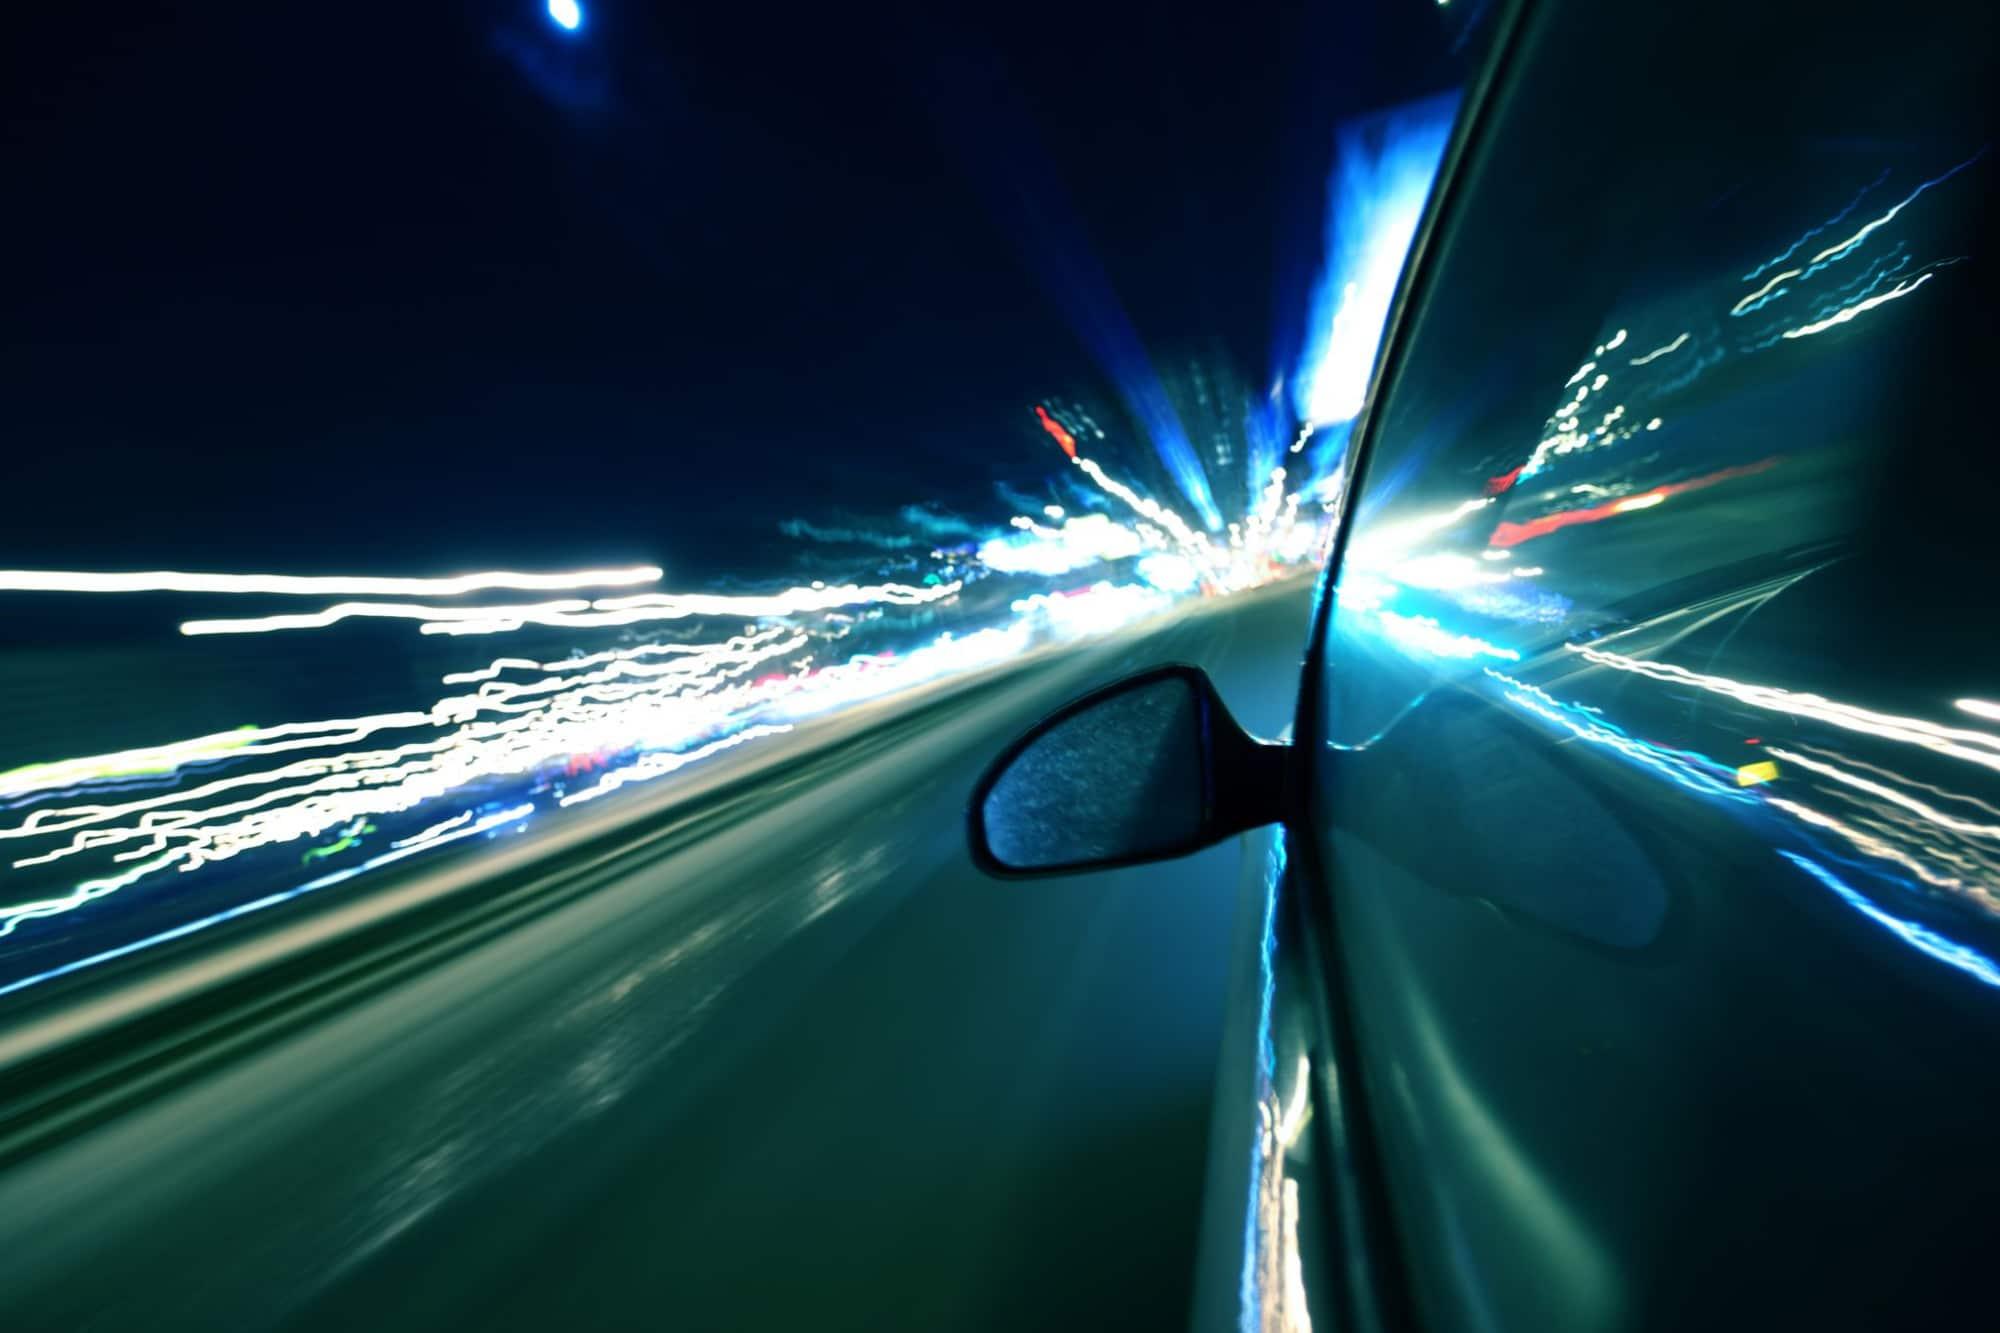 רגישות לאור לאחר ניתוח לייזר – אופטיקה יפעת אופטומטריסטית מוסמכת